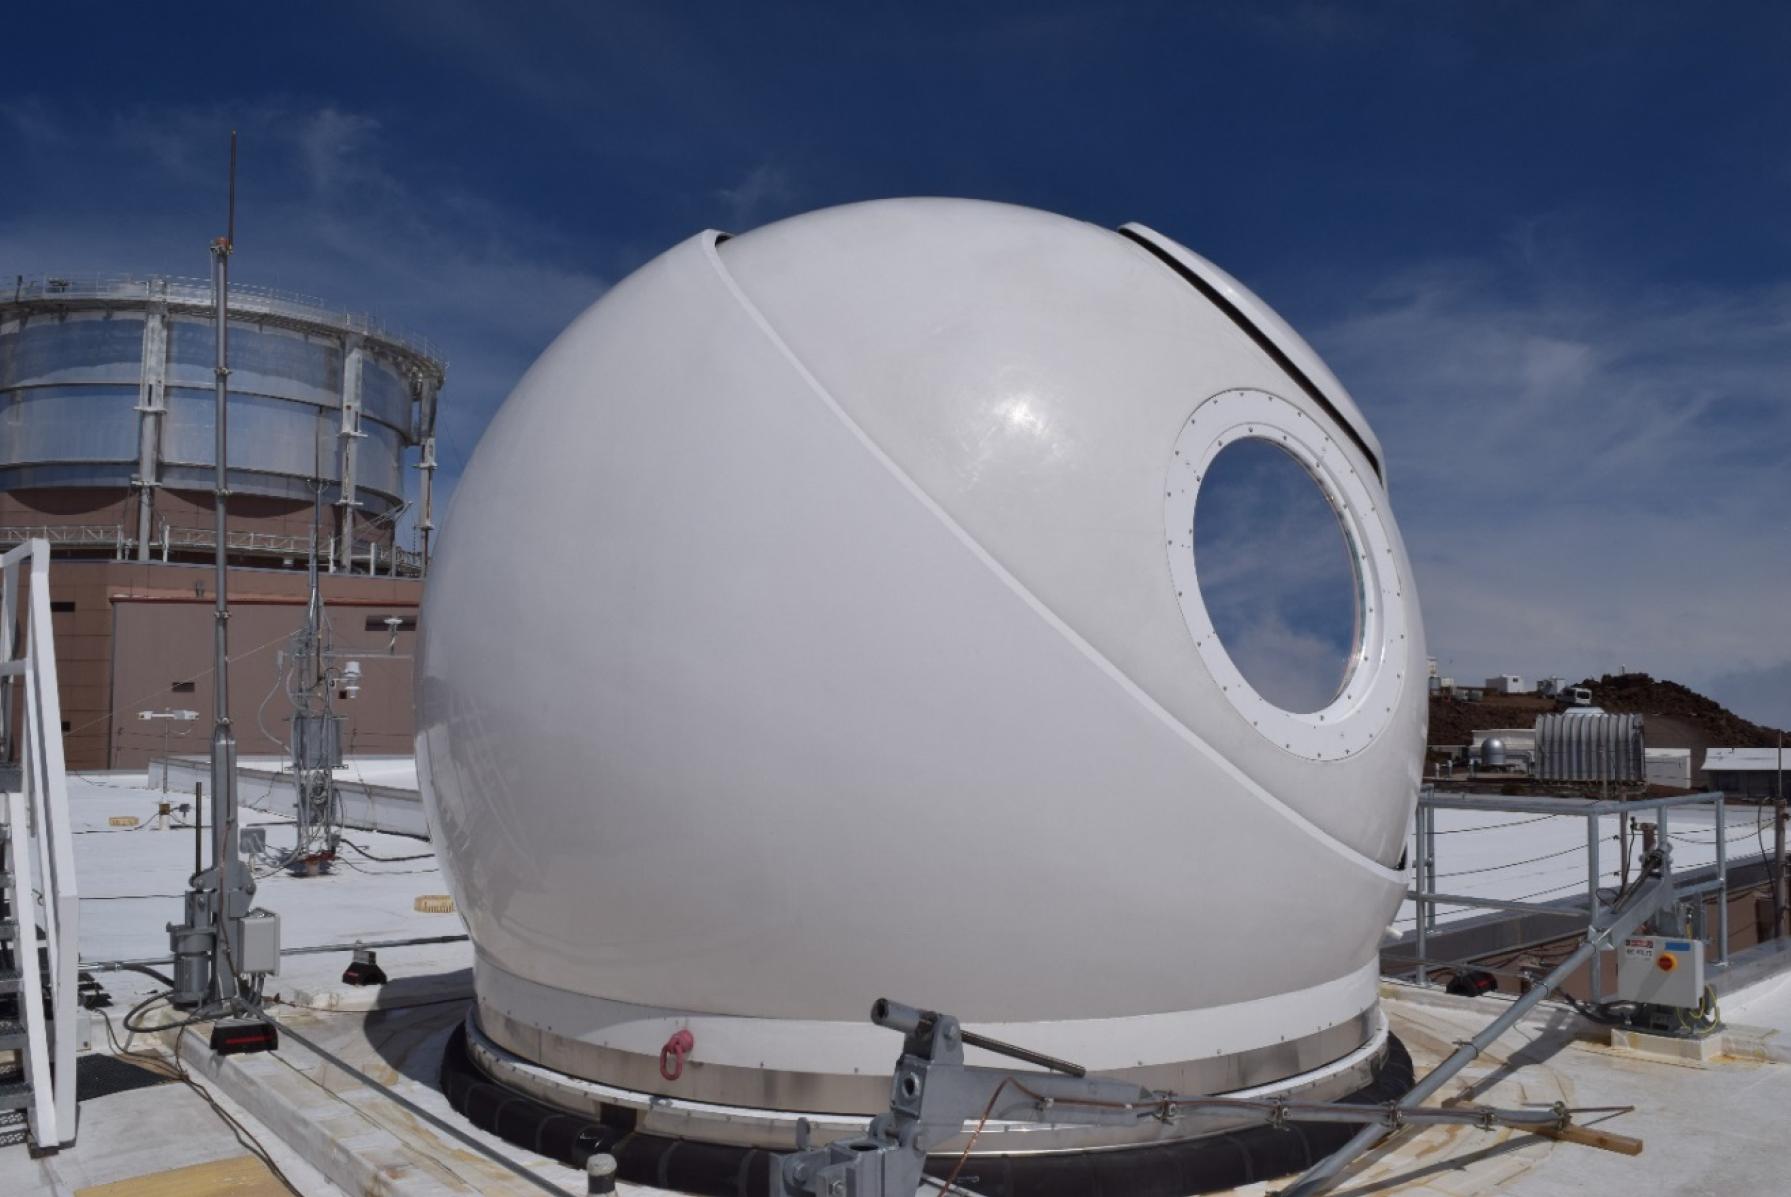 ogs2 telescope.'